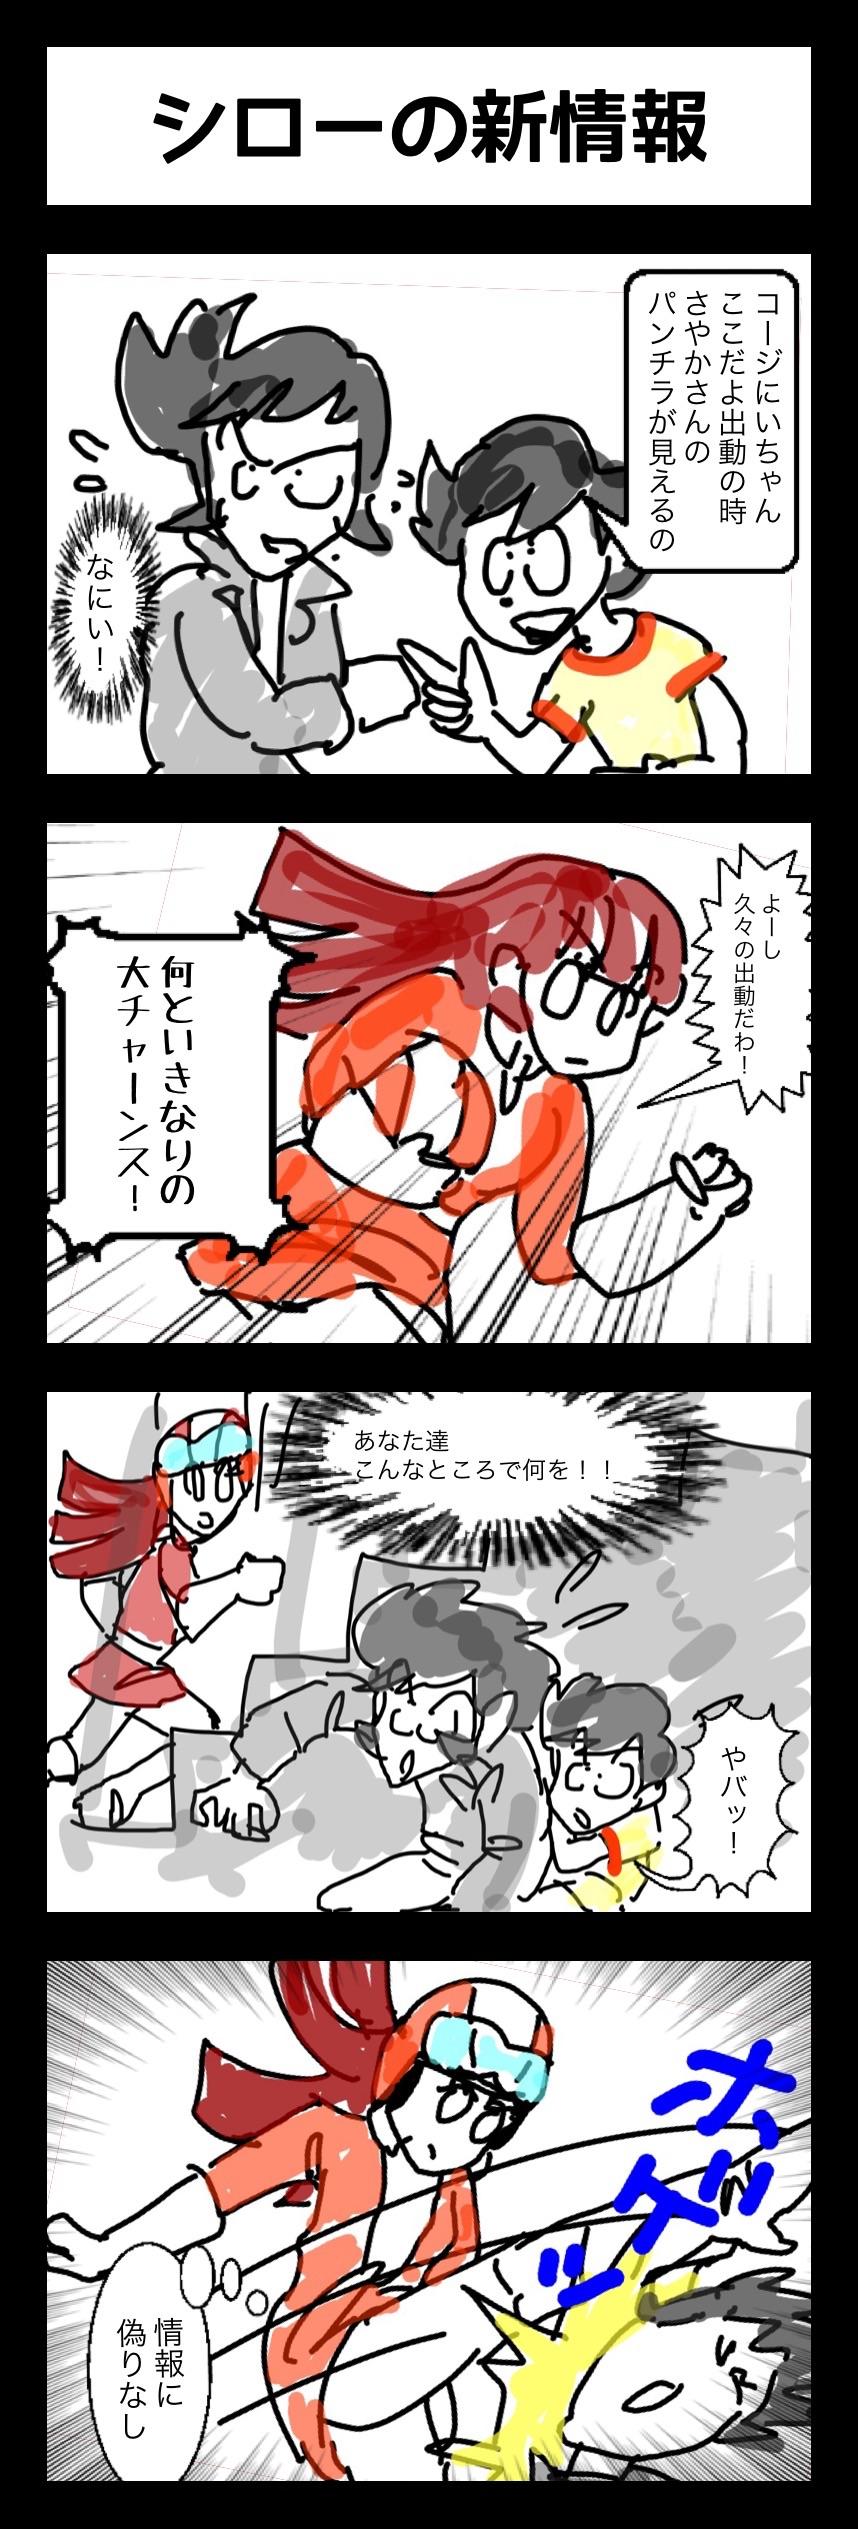 連載4コマ漫画 アトランダーV 20